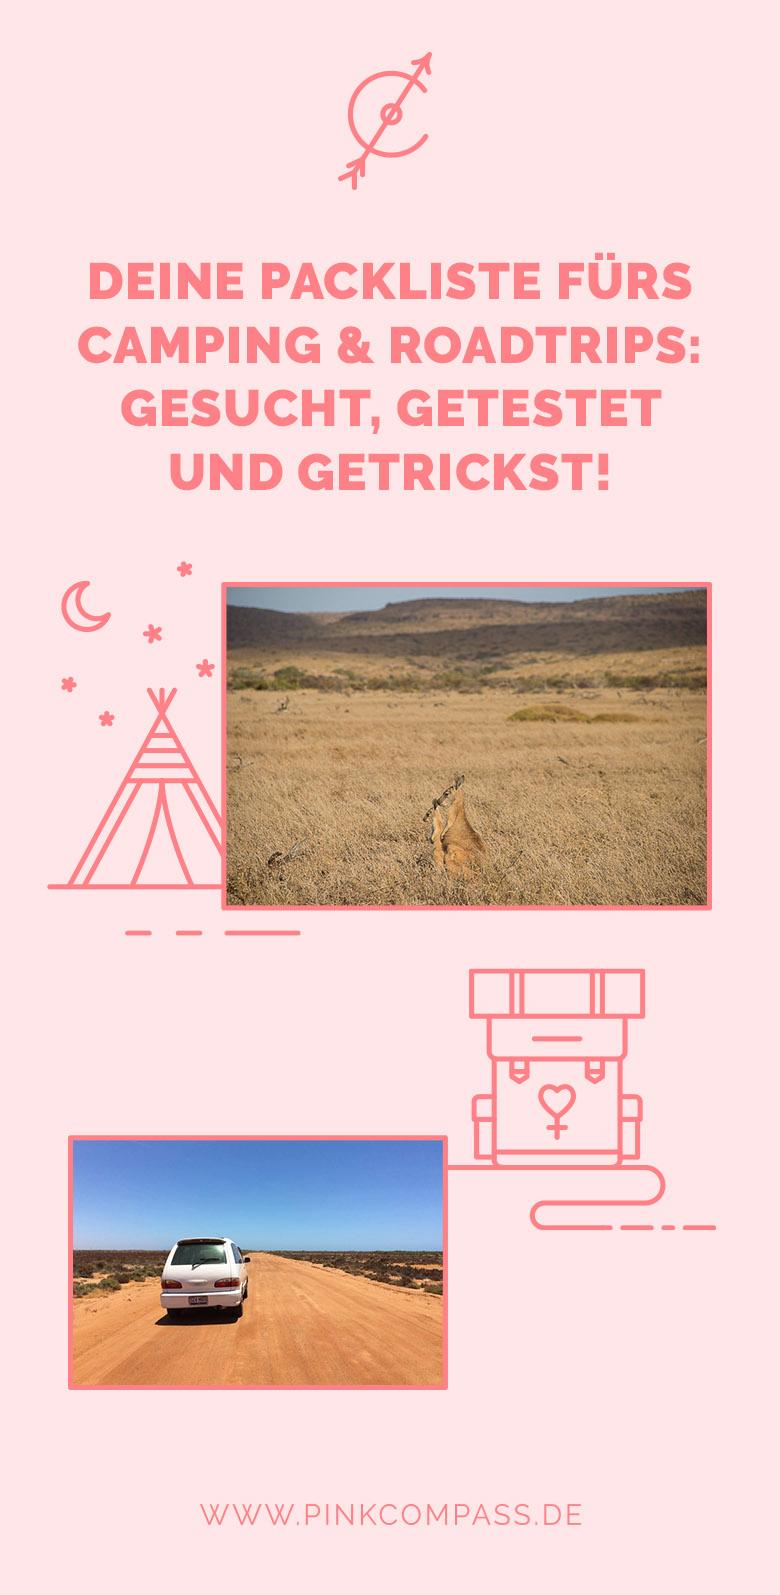 Die ultimative Packliste für Roadtrips und Camping!